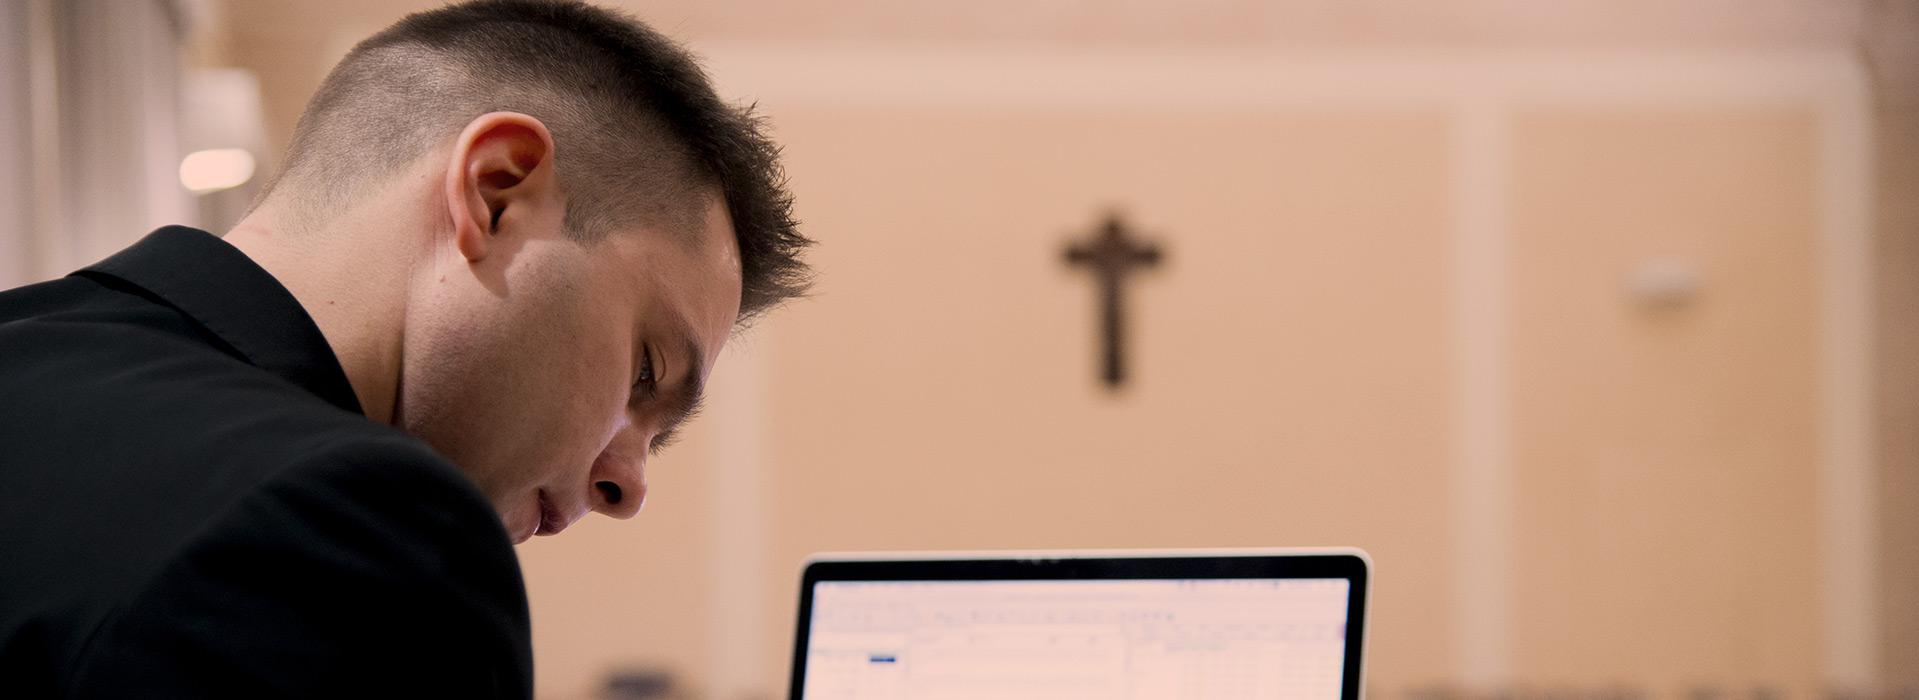 a seminarian studying